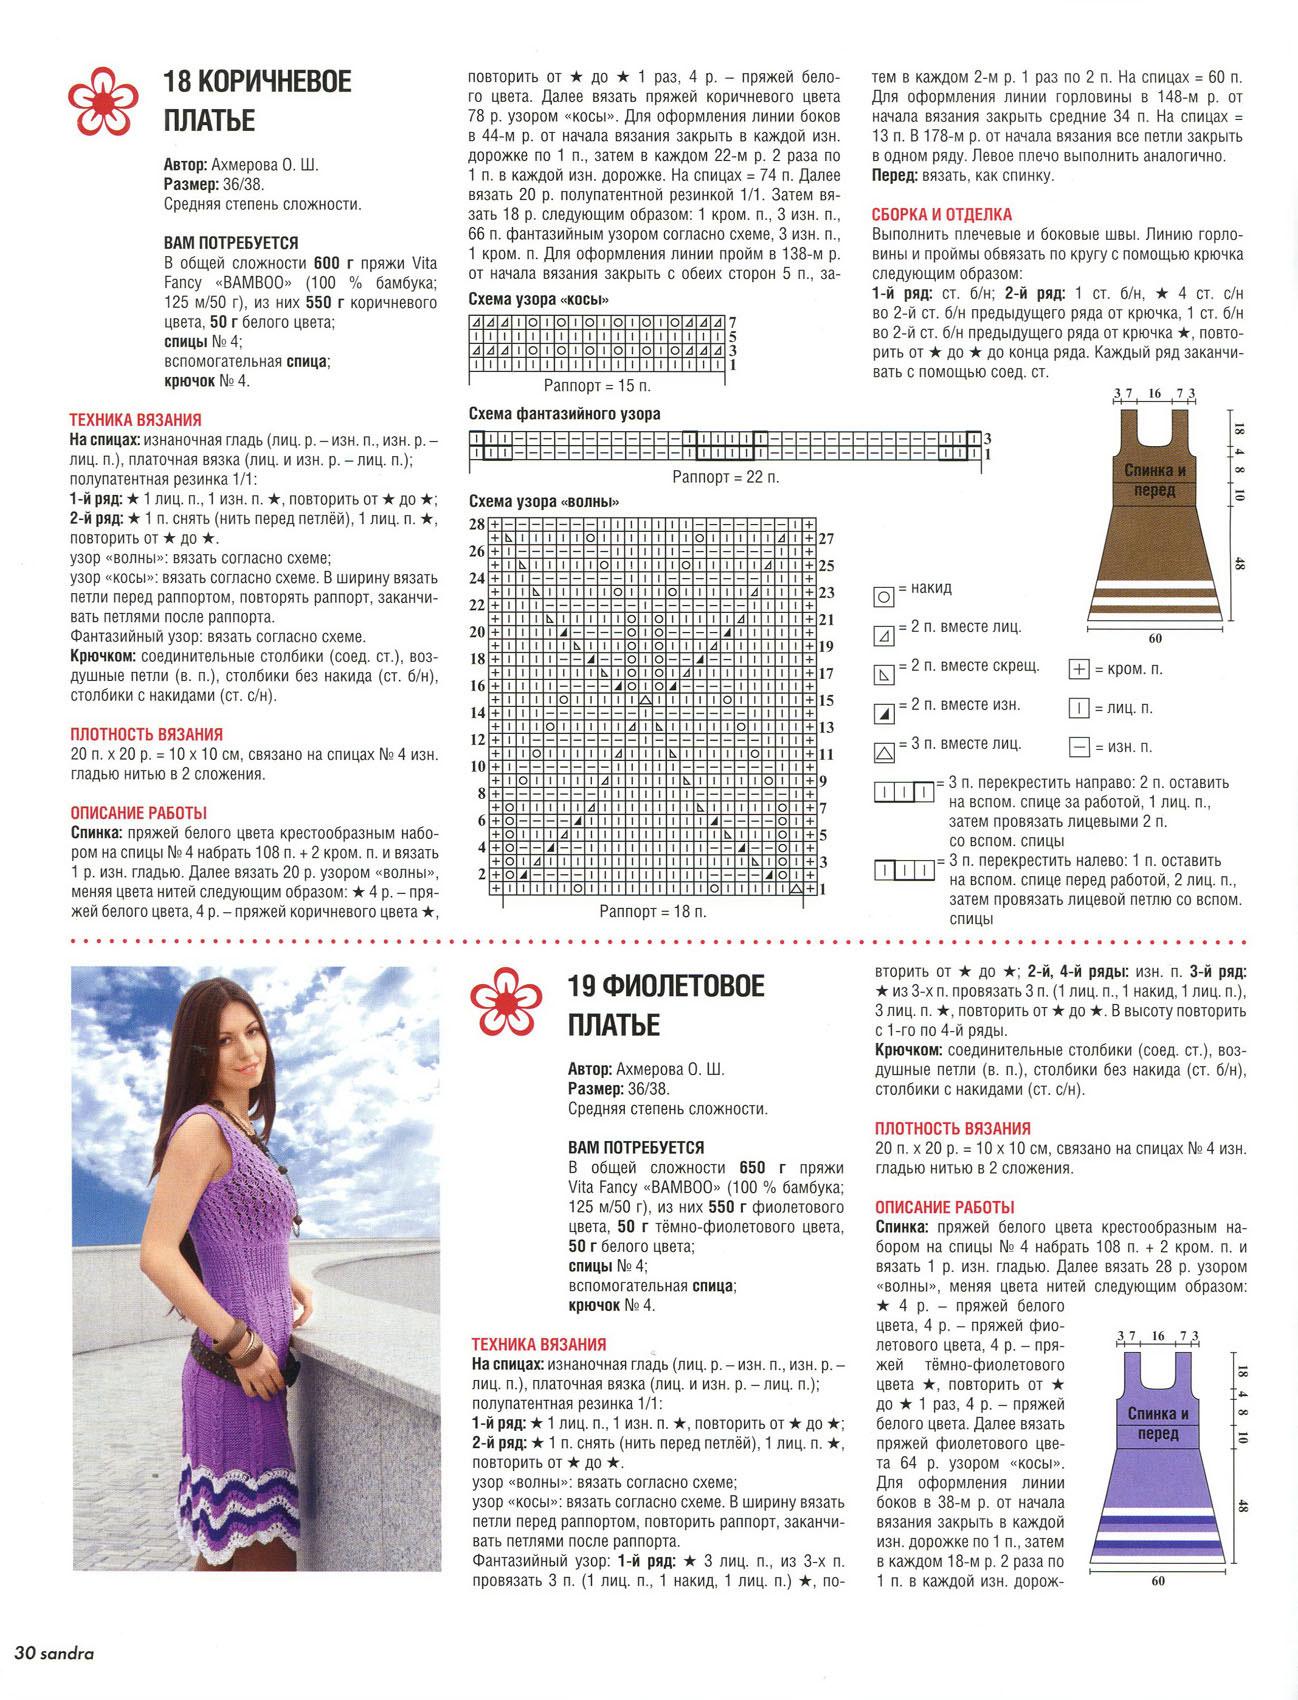 Схемы платьев платьев вязаных крючком